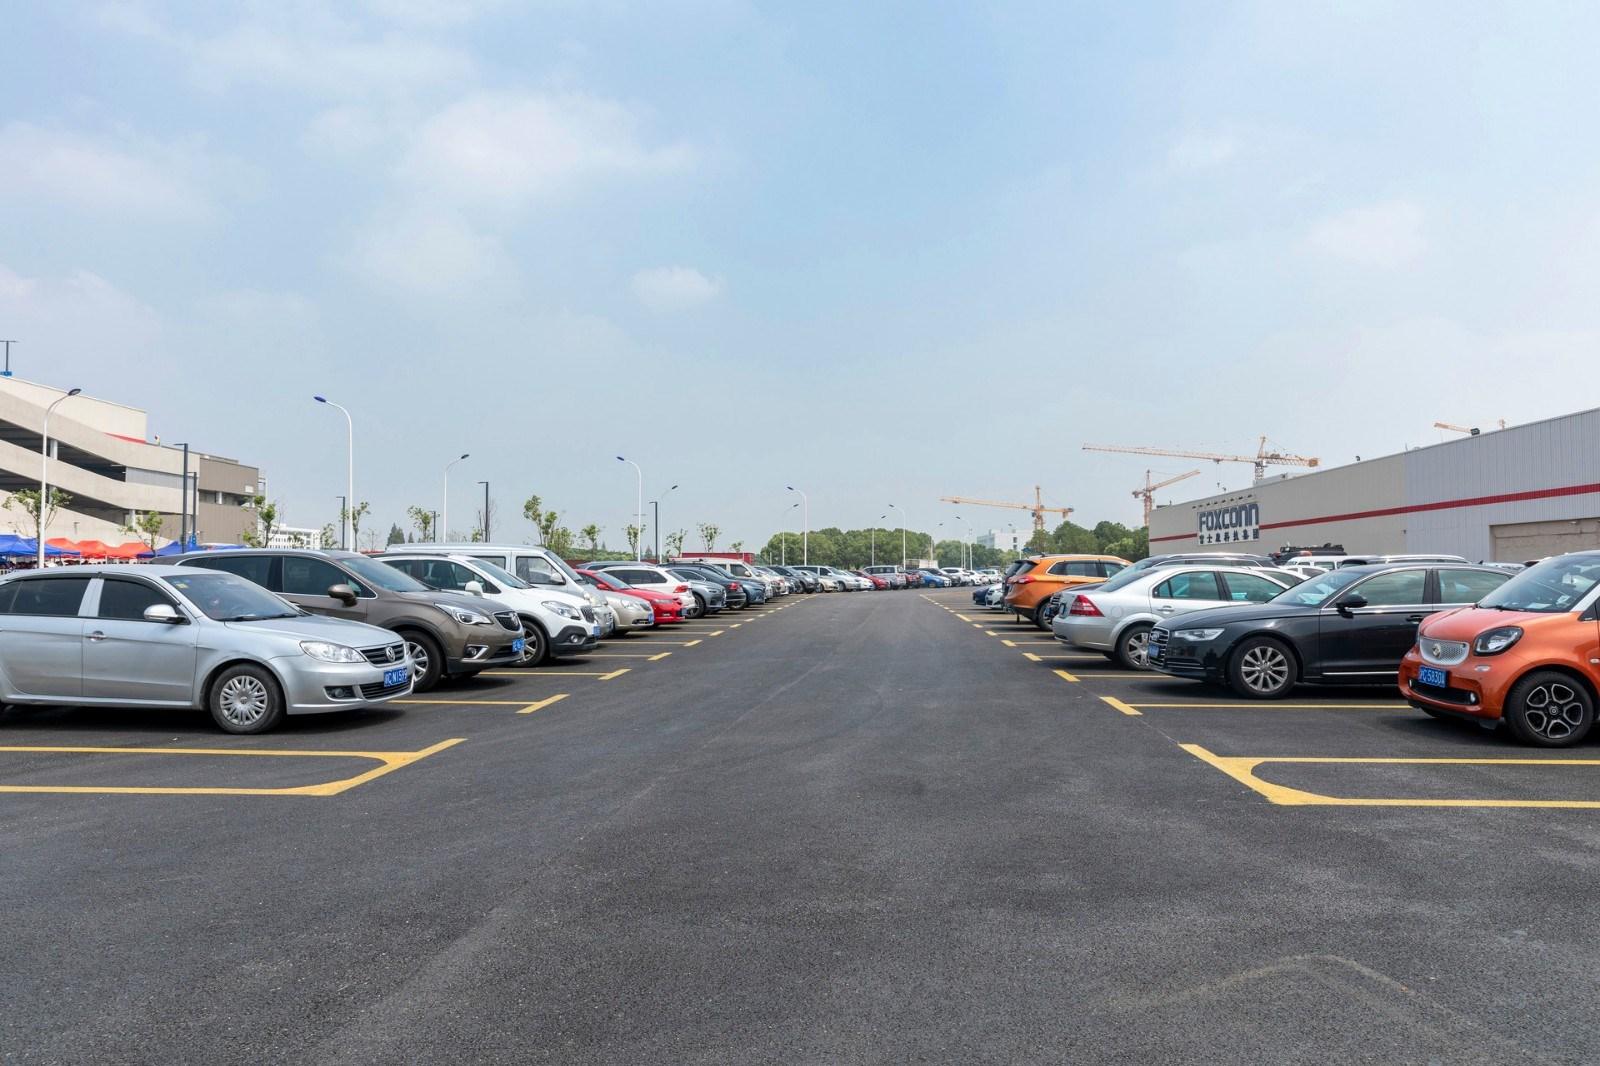 市场监督管理局接到多起关于停车场收费的投诉